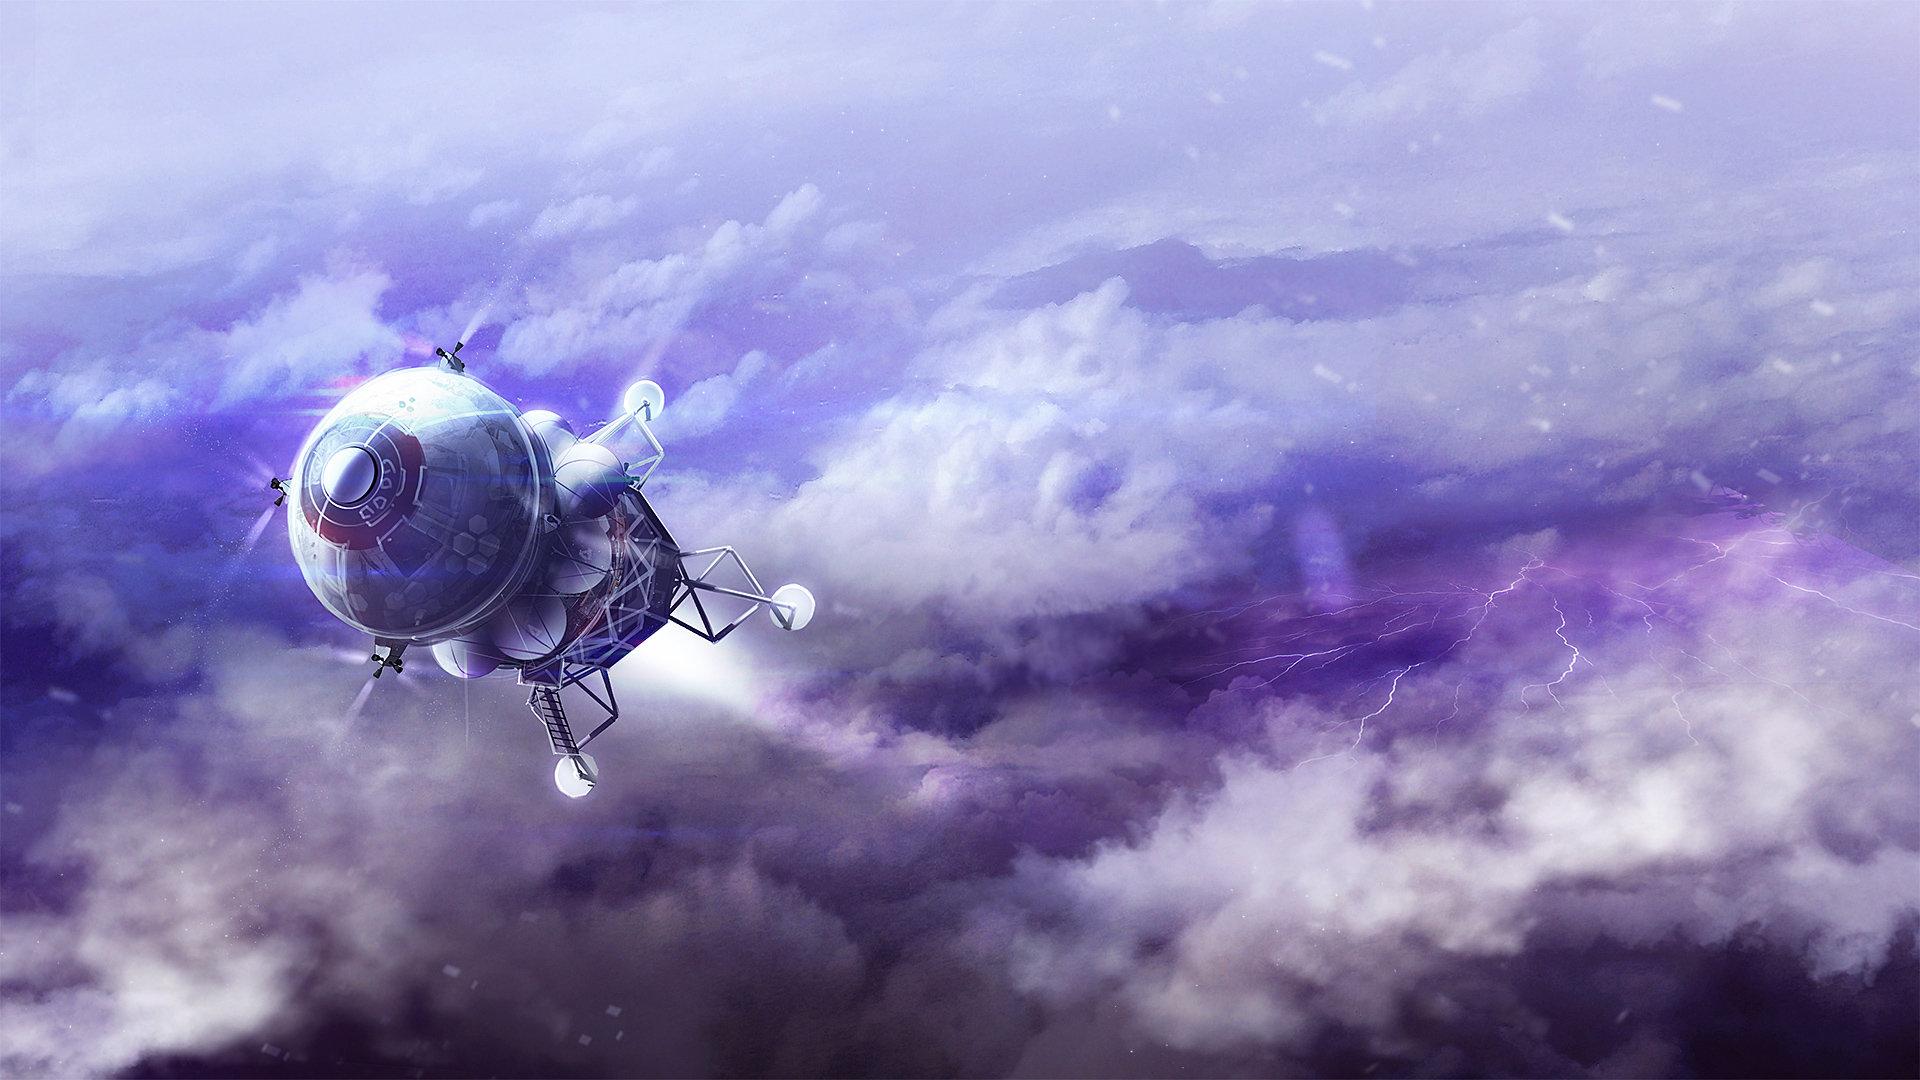 002 lander 001 1920